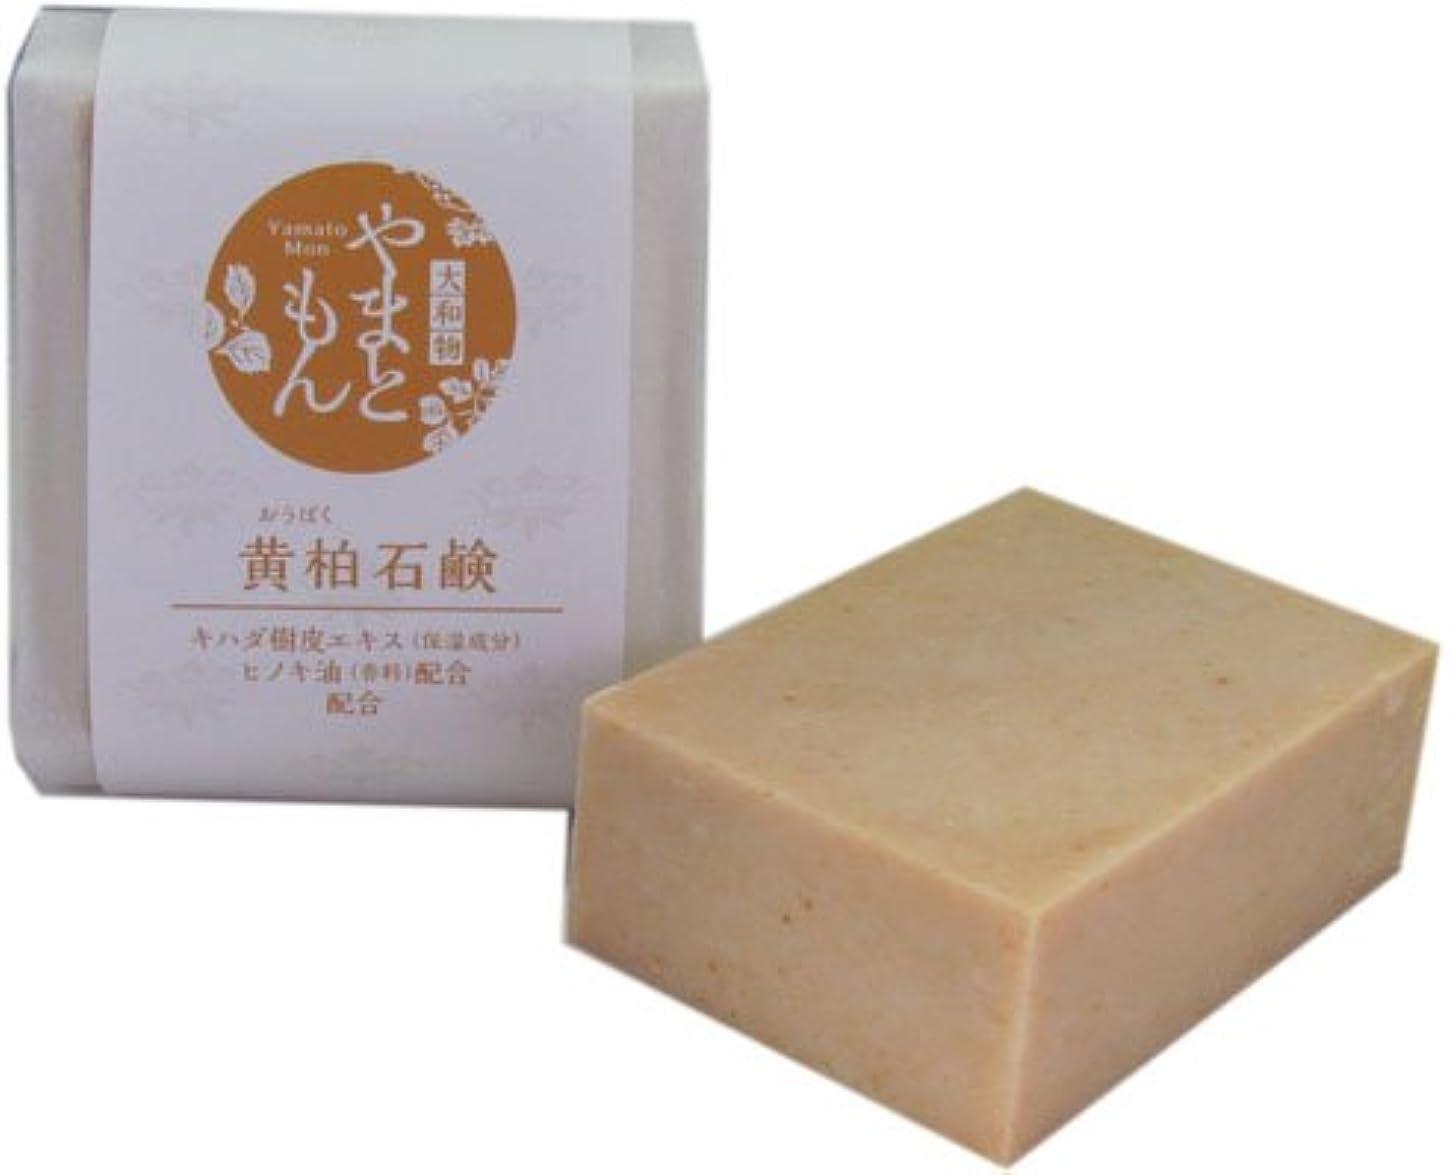 慣れる正確なゆでる奈良産和漢生薬エキス使用やまともん化粧品 黄柏石鹸(おうばくせっけん)